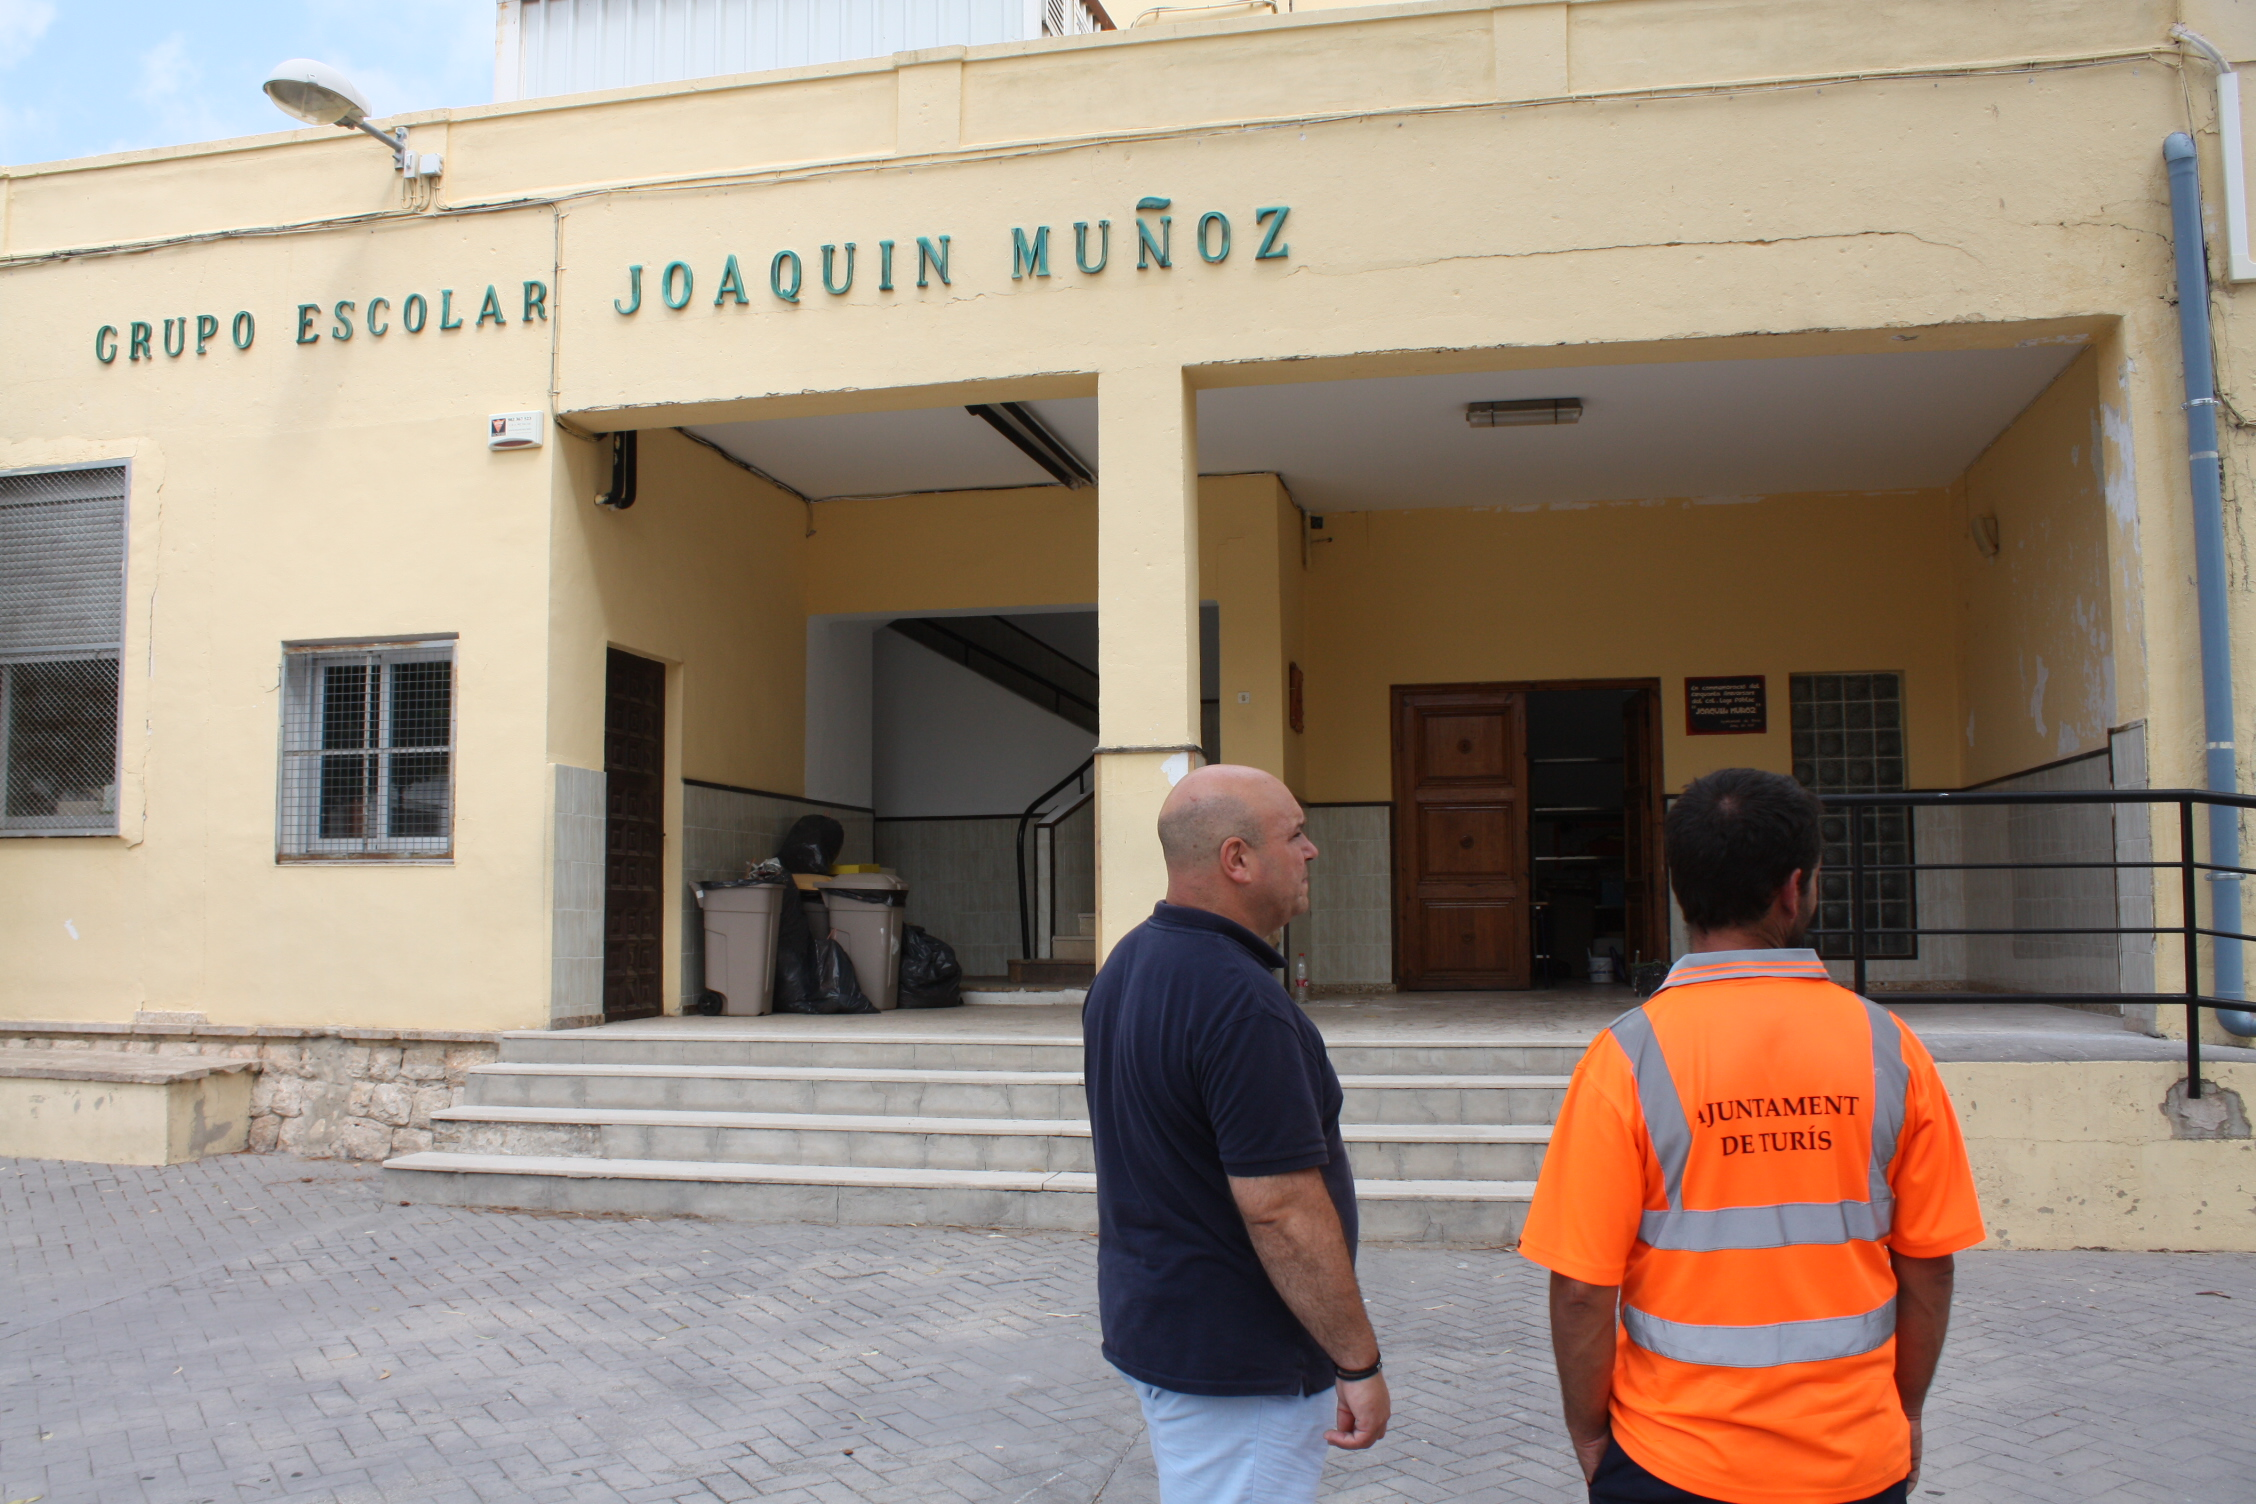 Després de quasi un mes i mig d'obres i restauració, el col·legi Joaquin Muñoz de Turís es troba quasi a punt per encetar el curs 2018-2019 amb unes millors condicions de les seues infraestructures degut al pla de millora d'escoles.